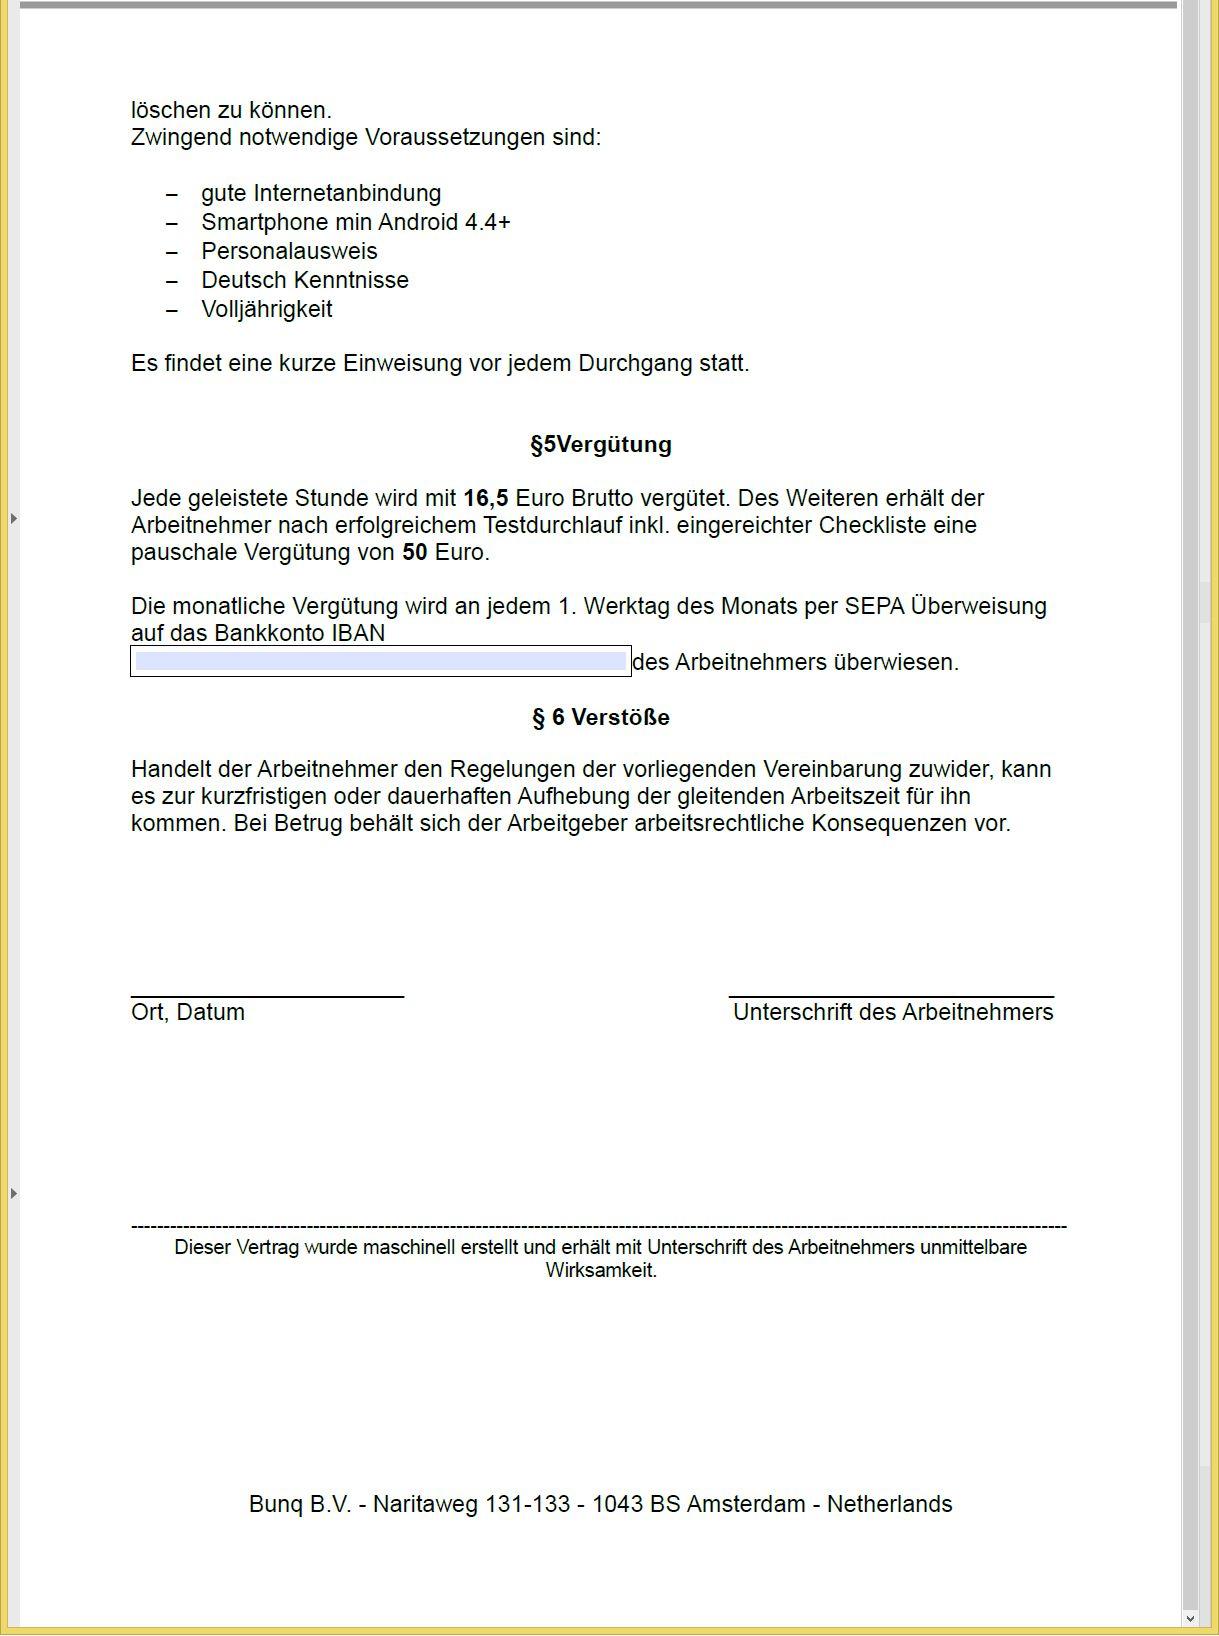 Großzügig überweisung Betrug Galerie - Elektrische Schaltplan-Ideen ...